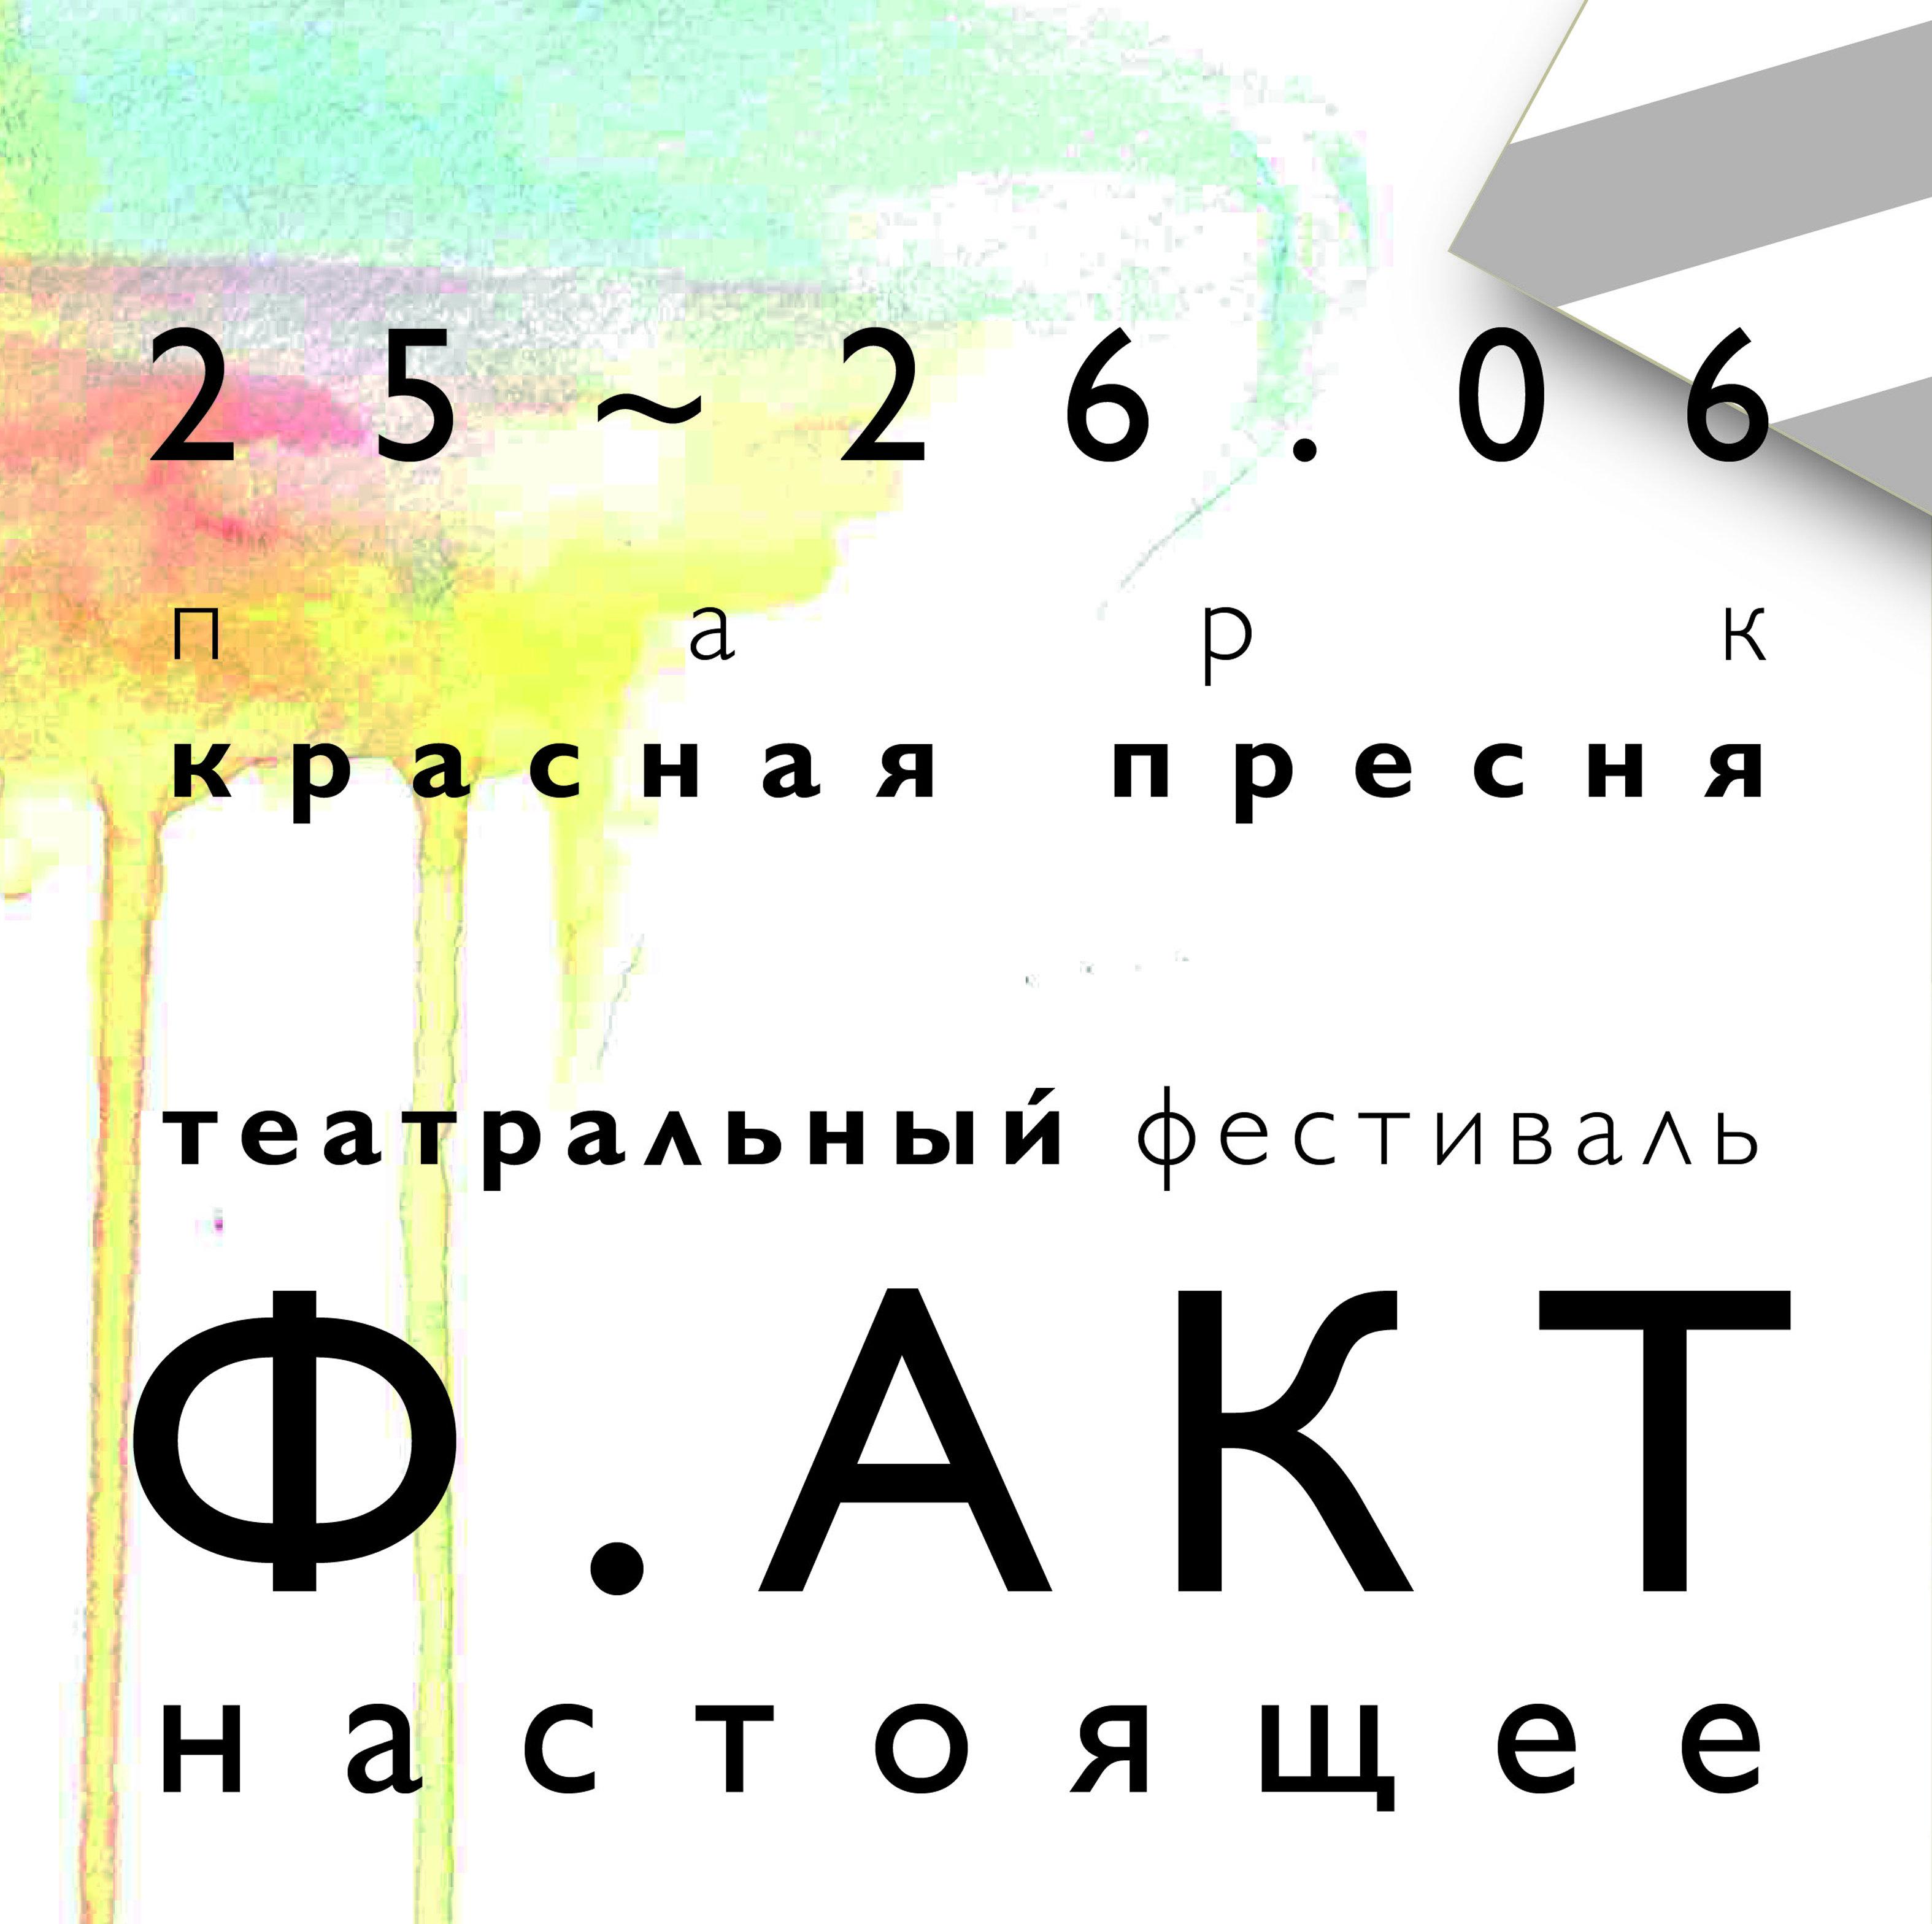 Фестиваль «Ф.АКТ: Настоящее» 2016